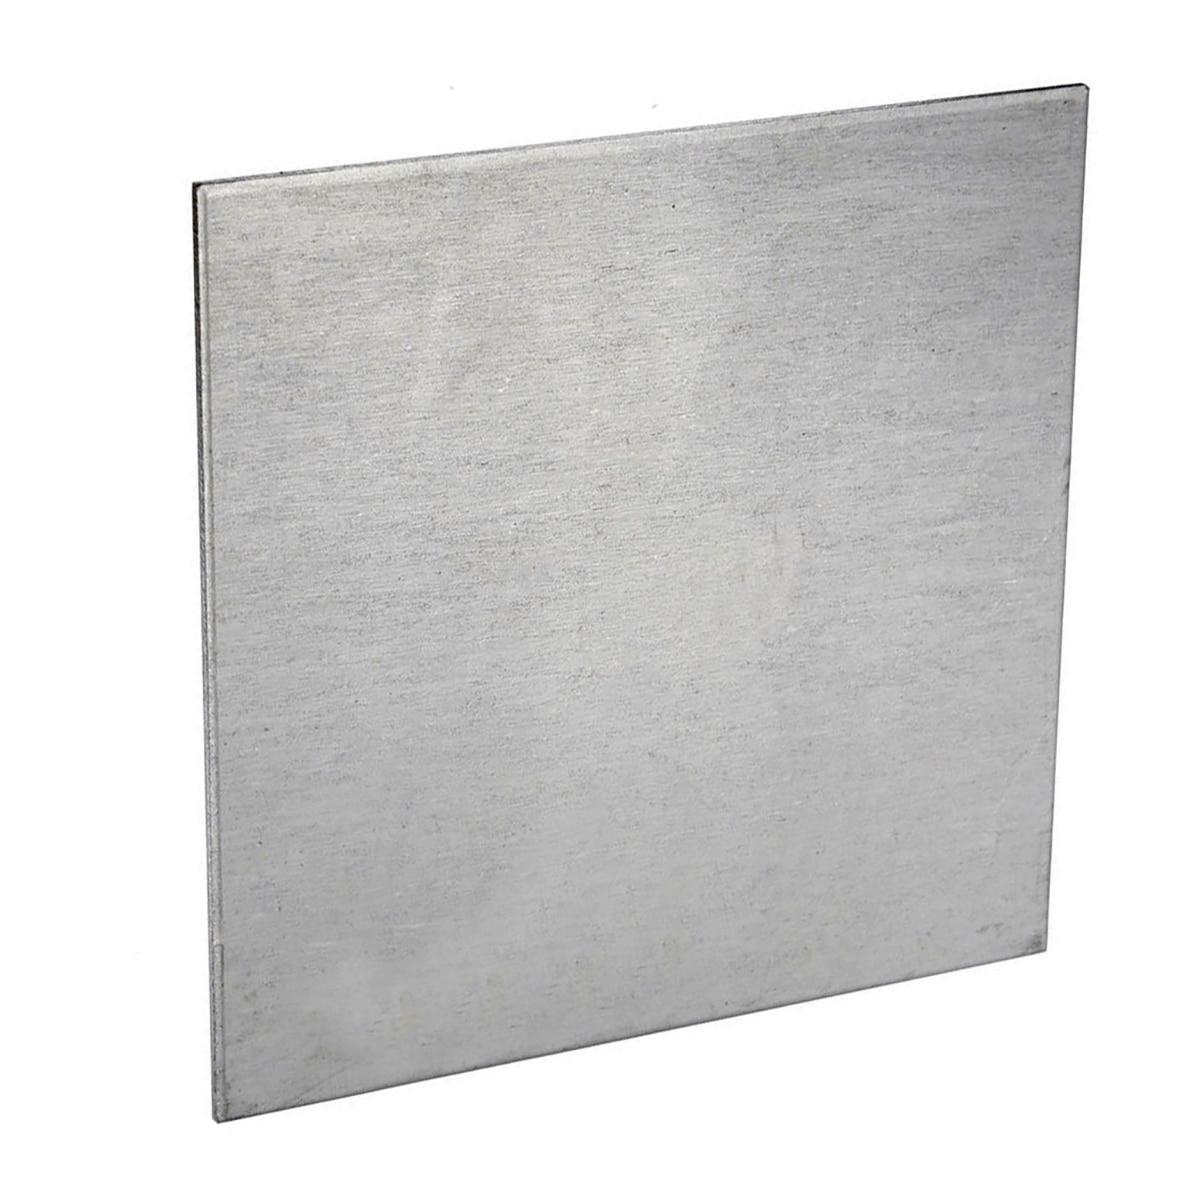 1PC 99.99/% Pure Copper Cu Metal Sheet Plate 2mm*100mm*200mm